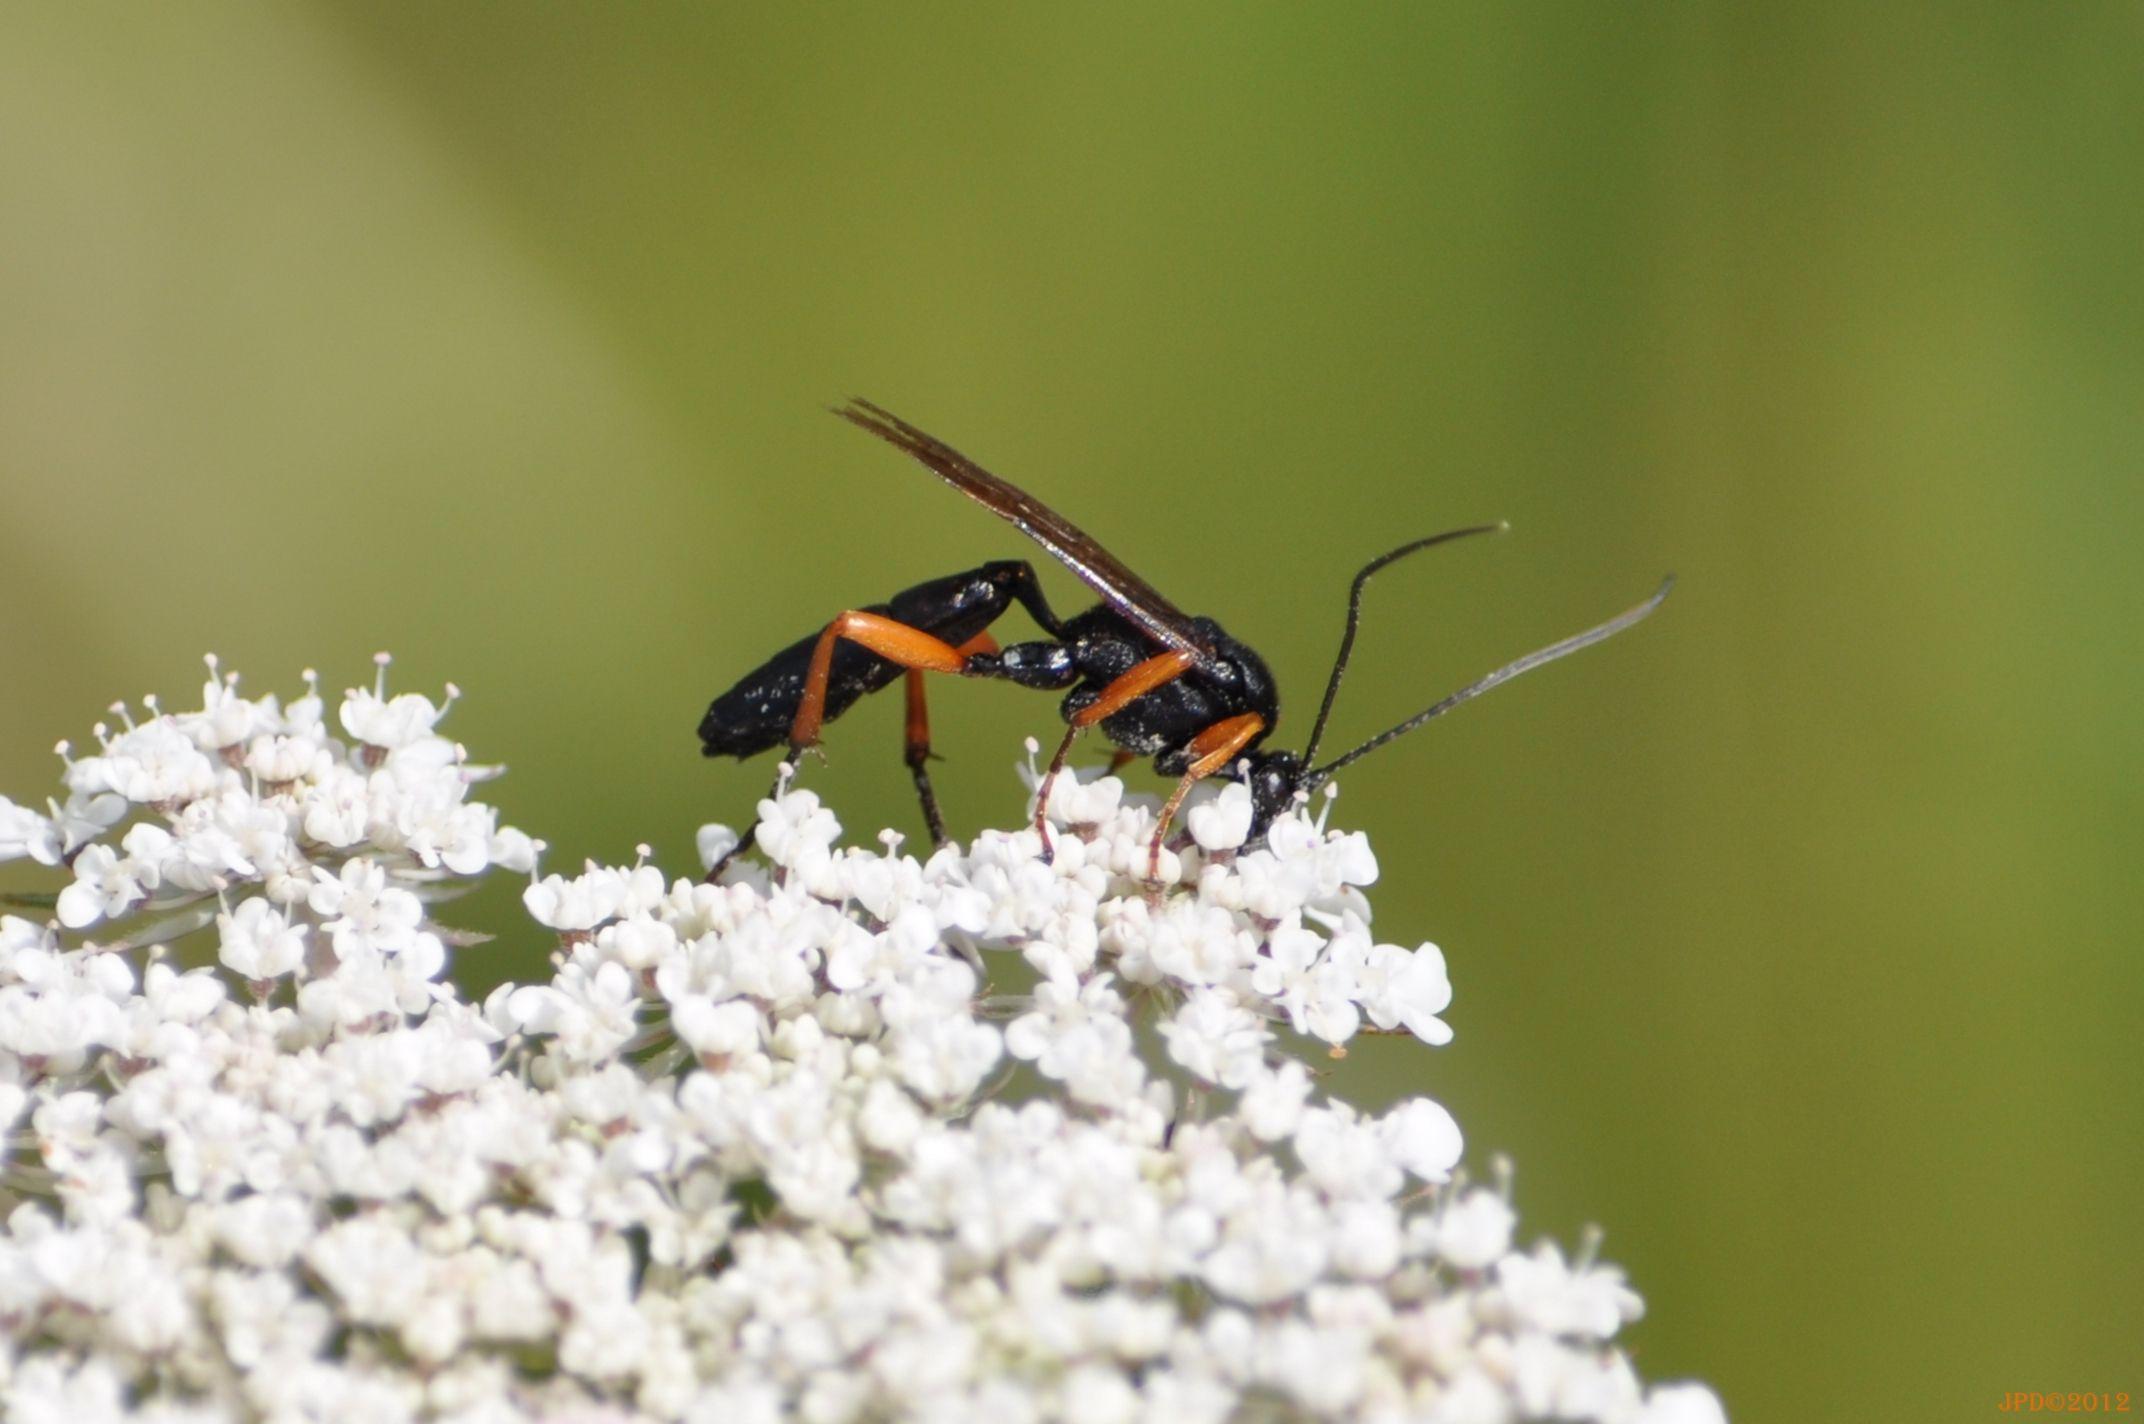 Esfécidos Sphaecidae Avispa solitaria